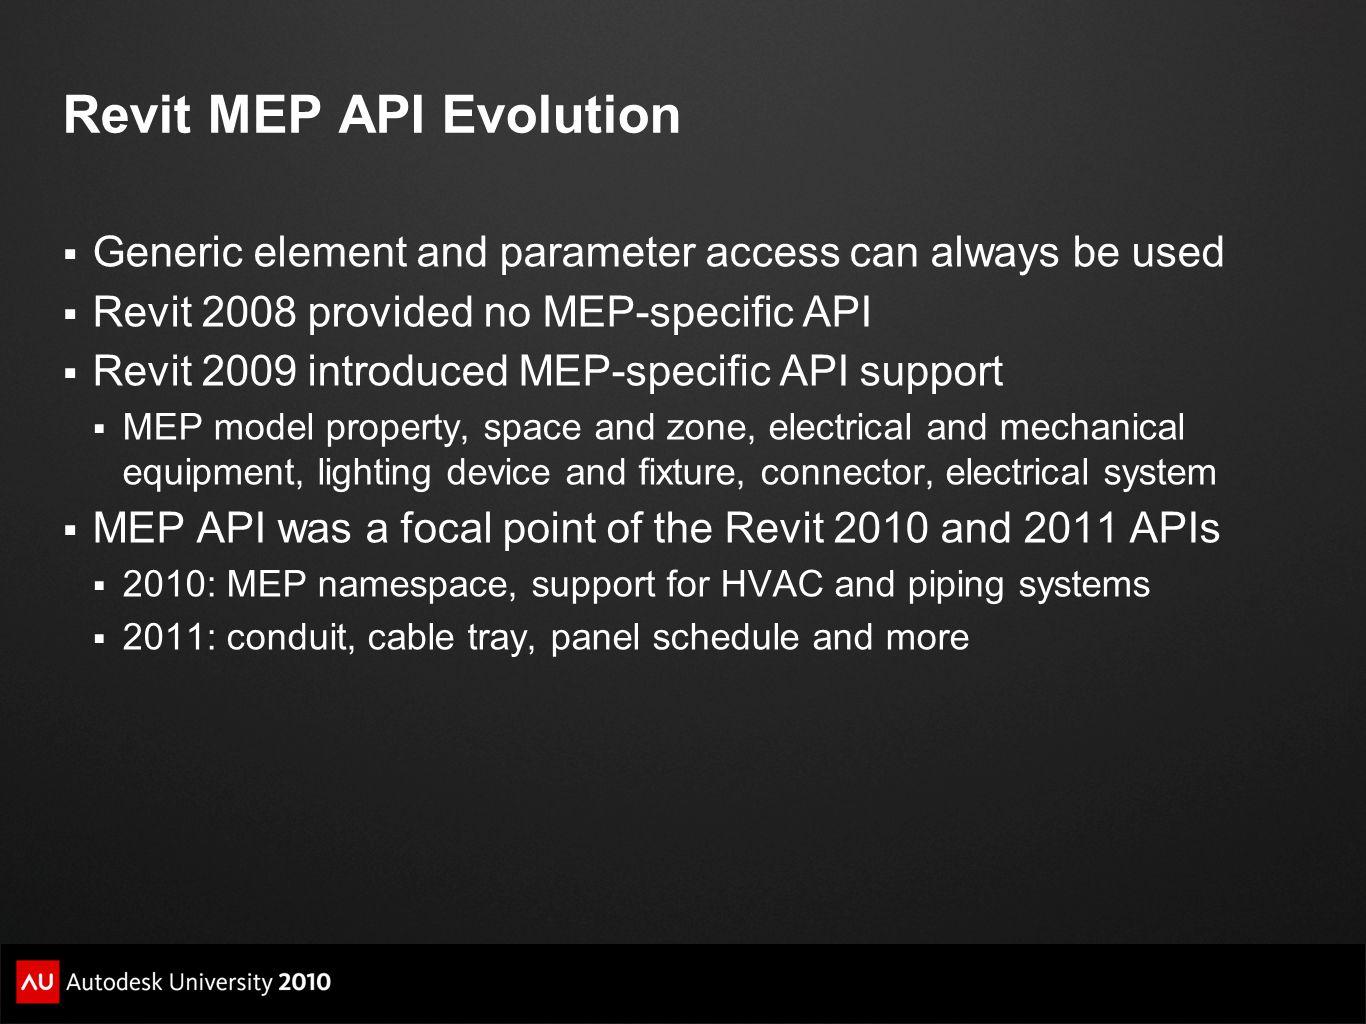 Revit MEP API Evolution